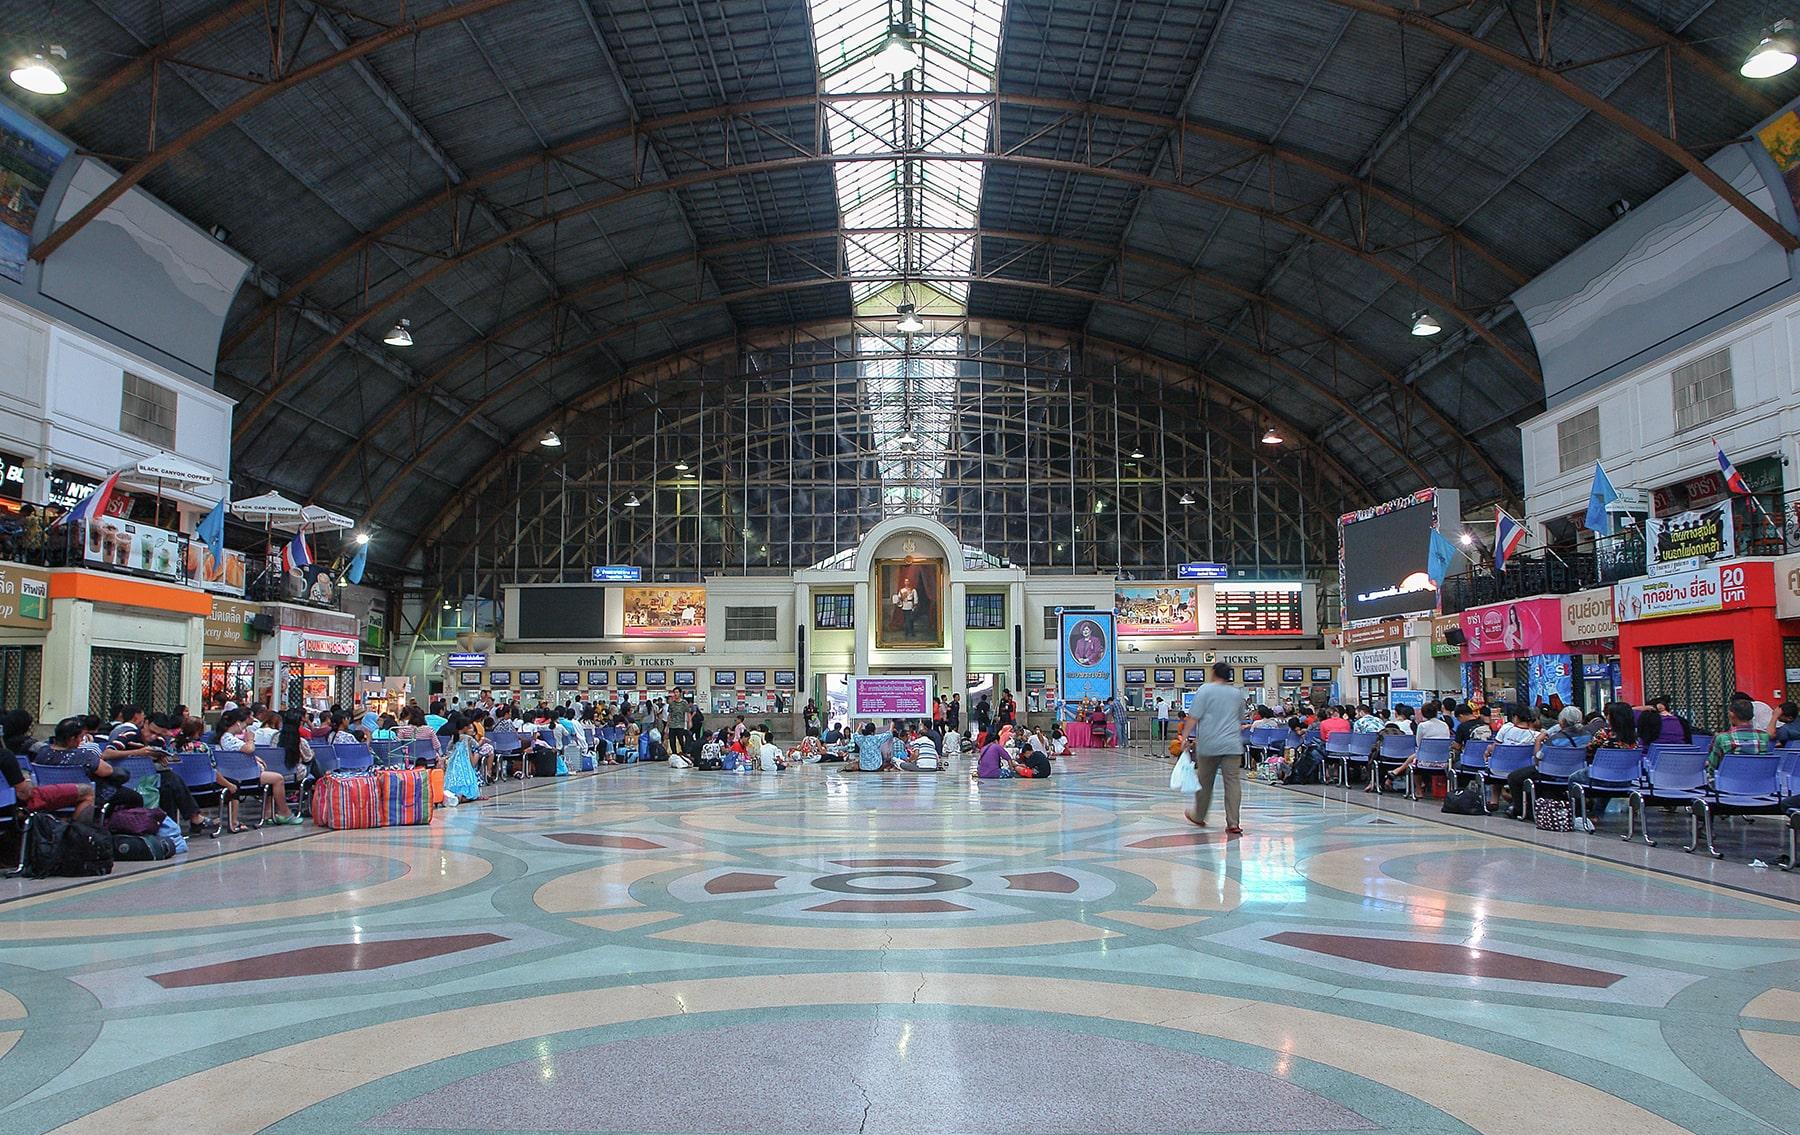 ©Foto: Marius Franke | railmen | Thailand – Innenansicht der Bahnhofshalle vom Bahnhof Hua Lamphong in Bangkok